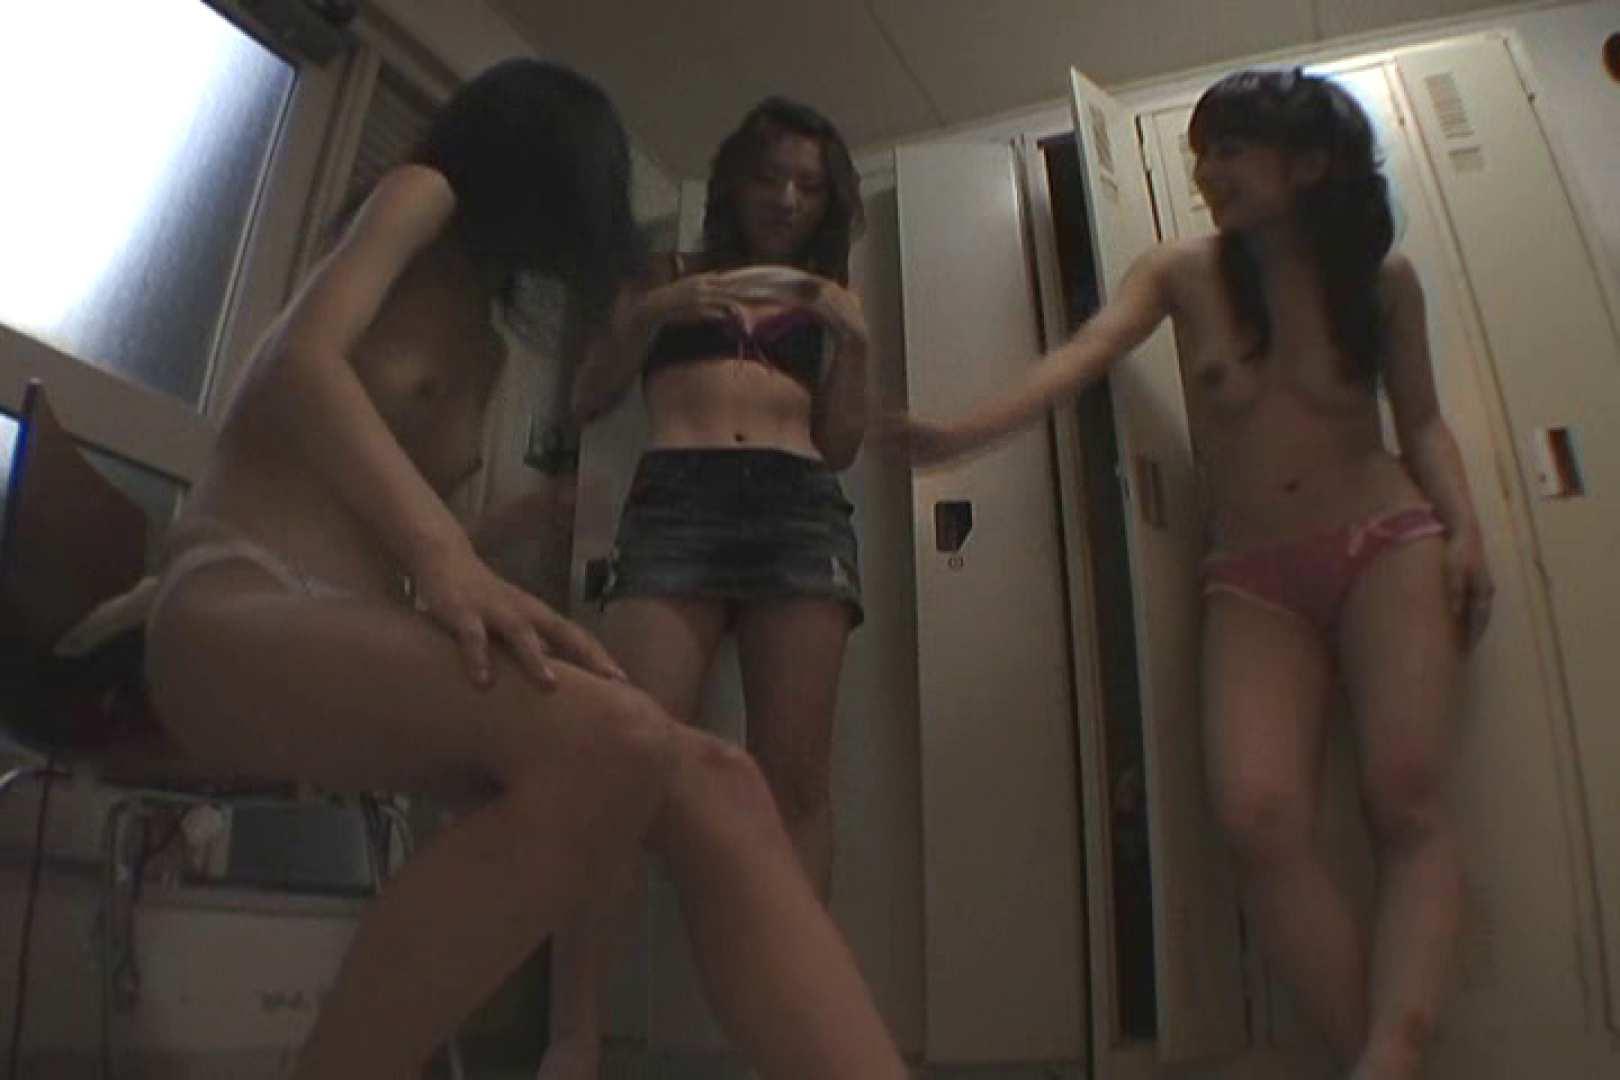 キャバ嬢舞台裏Vol.2 美しいOLの裸体 | キャバ嬢丸裸  70pic 67